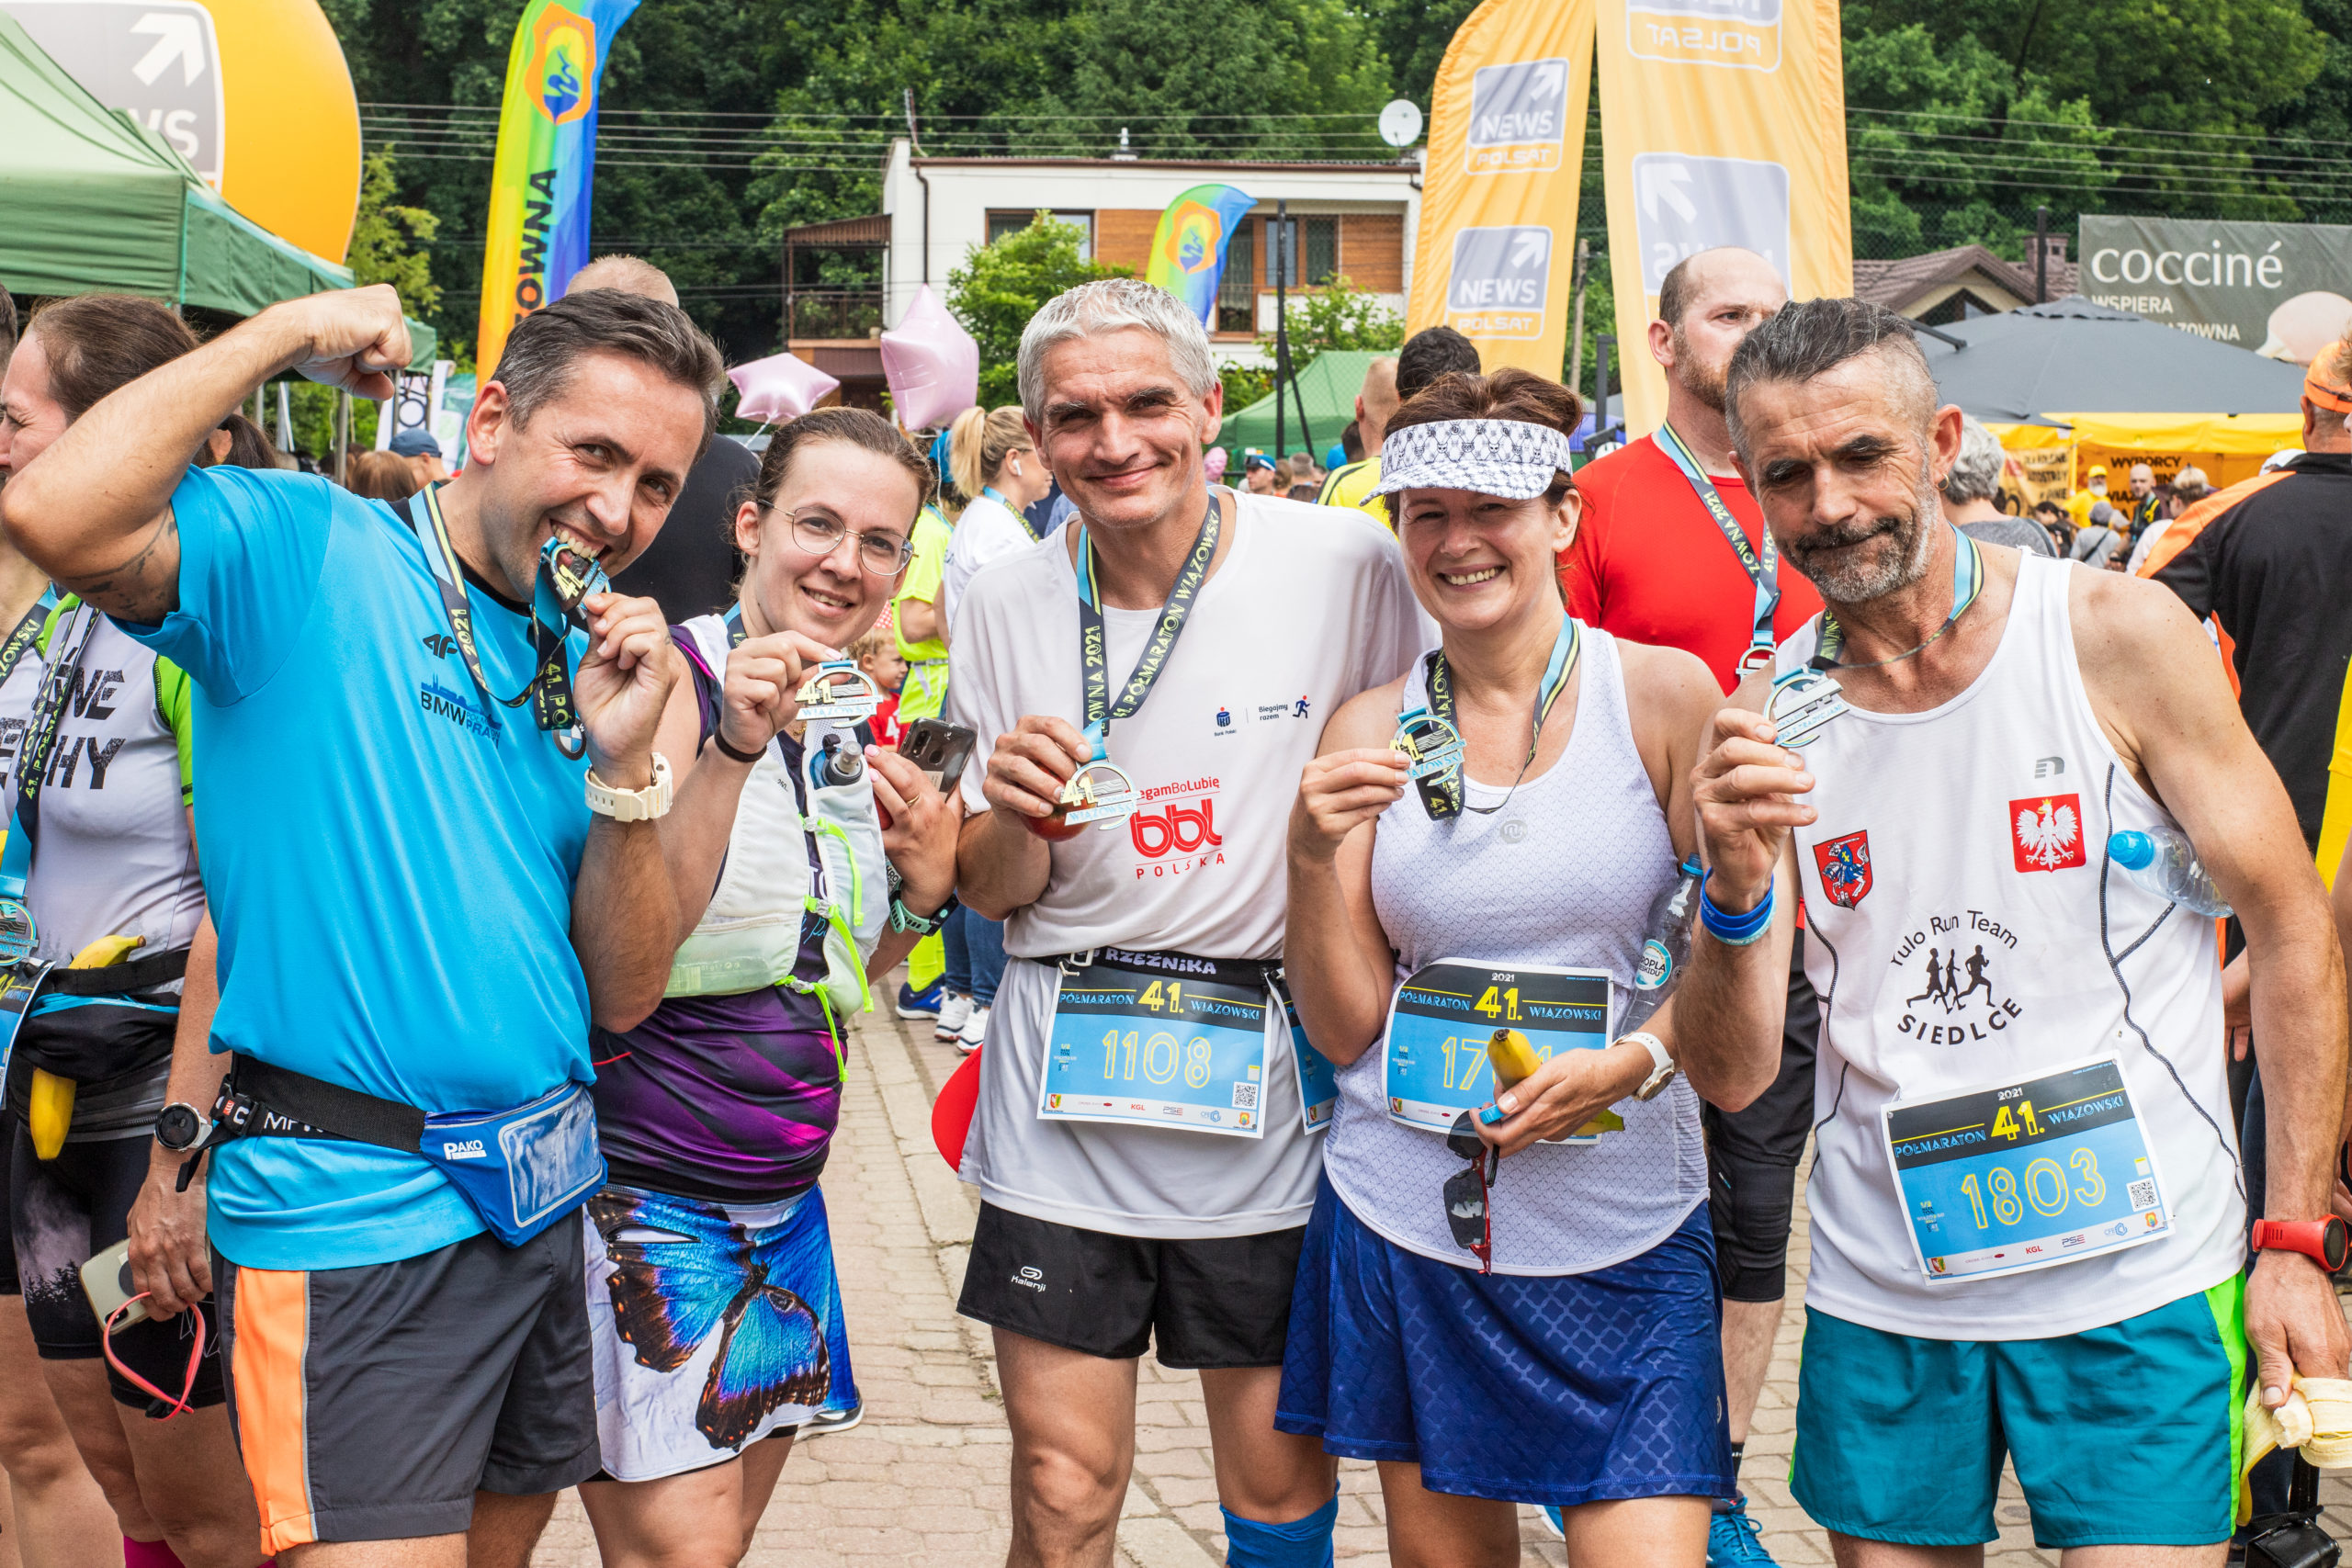 Zadowoleni uczestnicy biegu